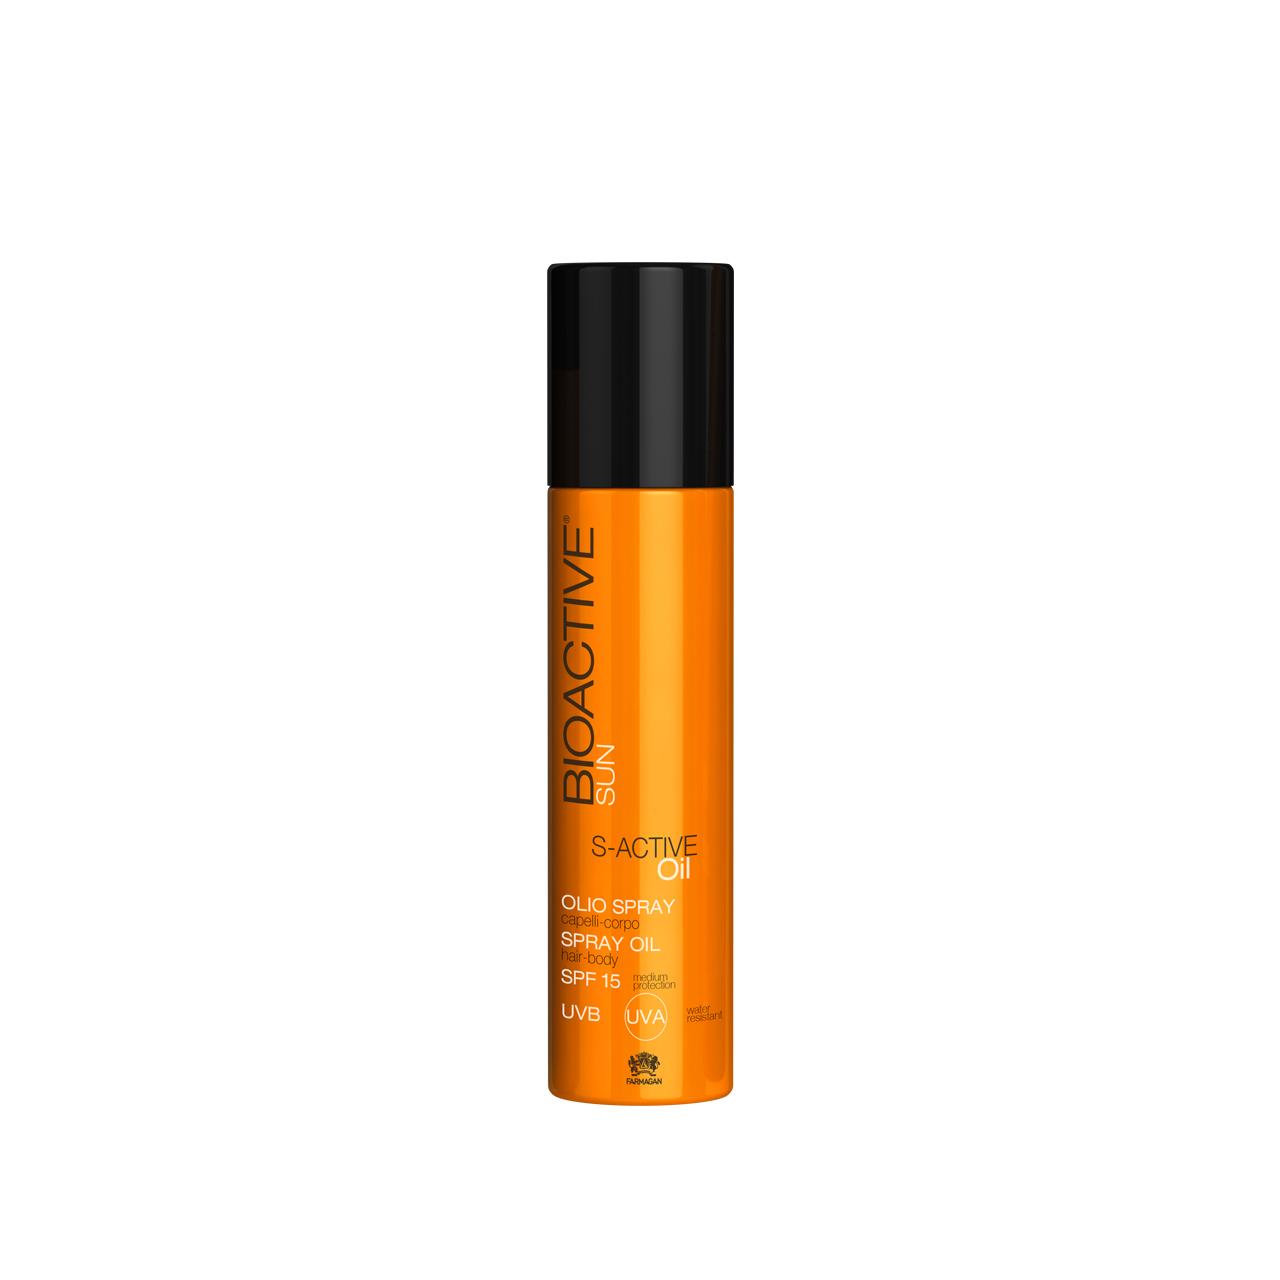 Xịt dưỡng SPF 15 chống nắng cho tóc